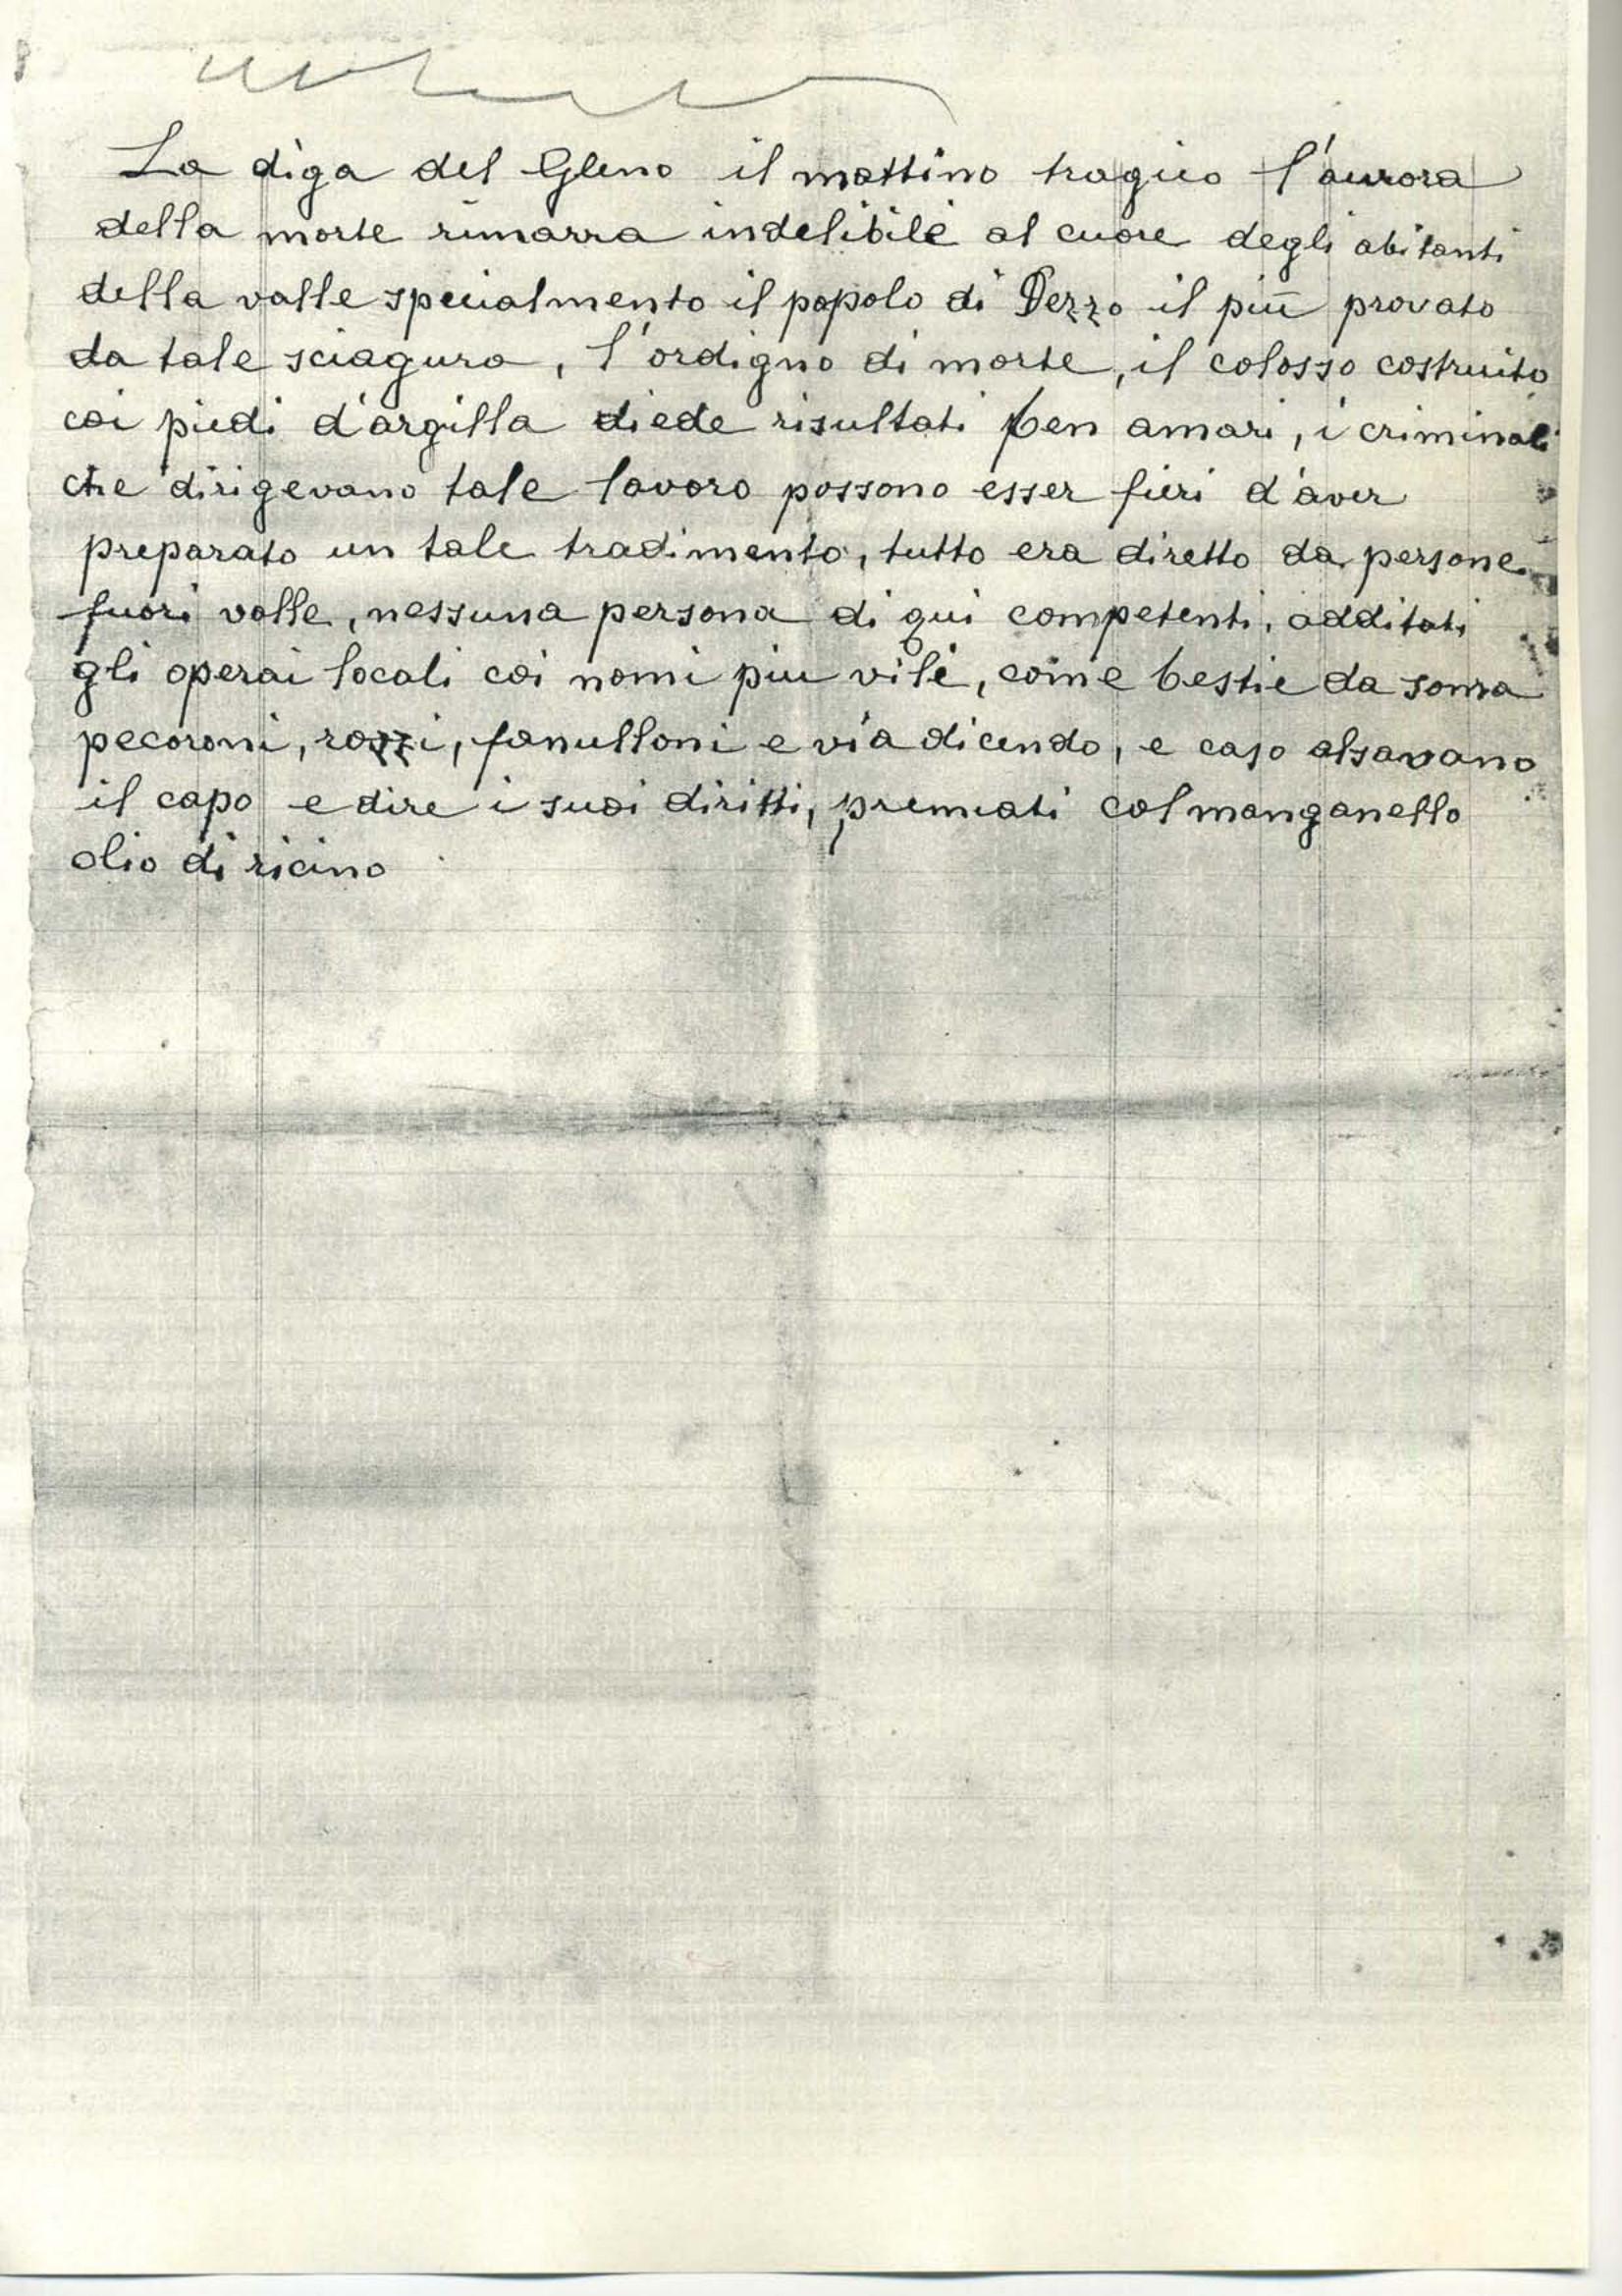 Lettera di Dossi Giacomo_04